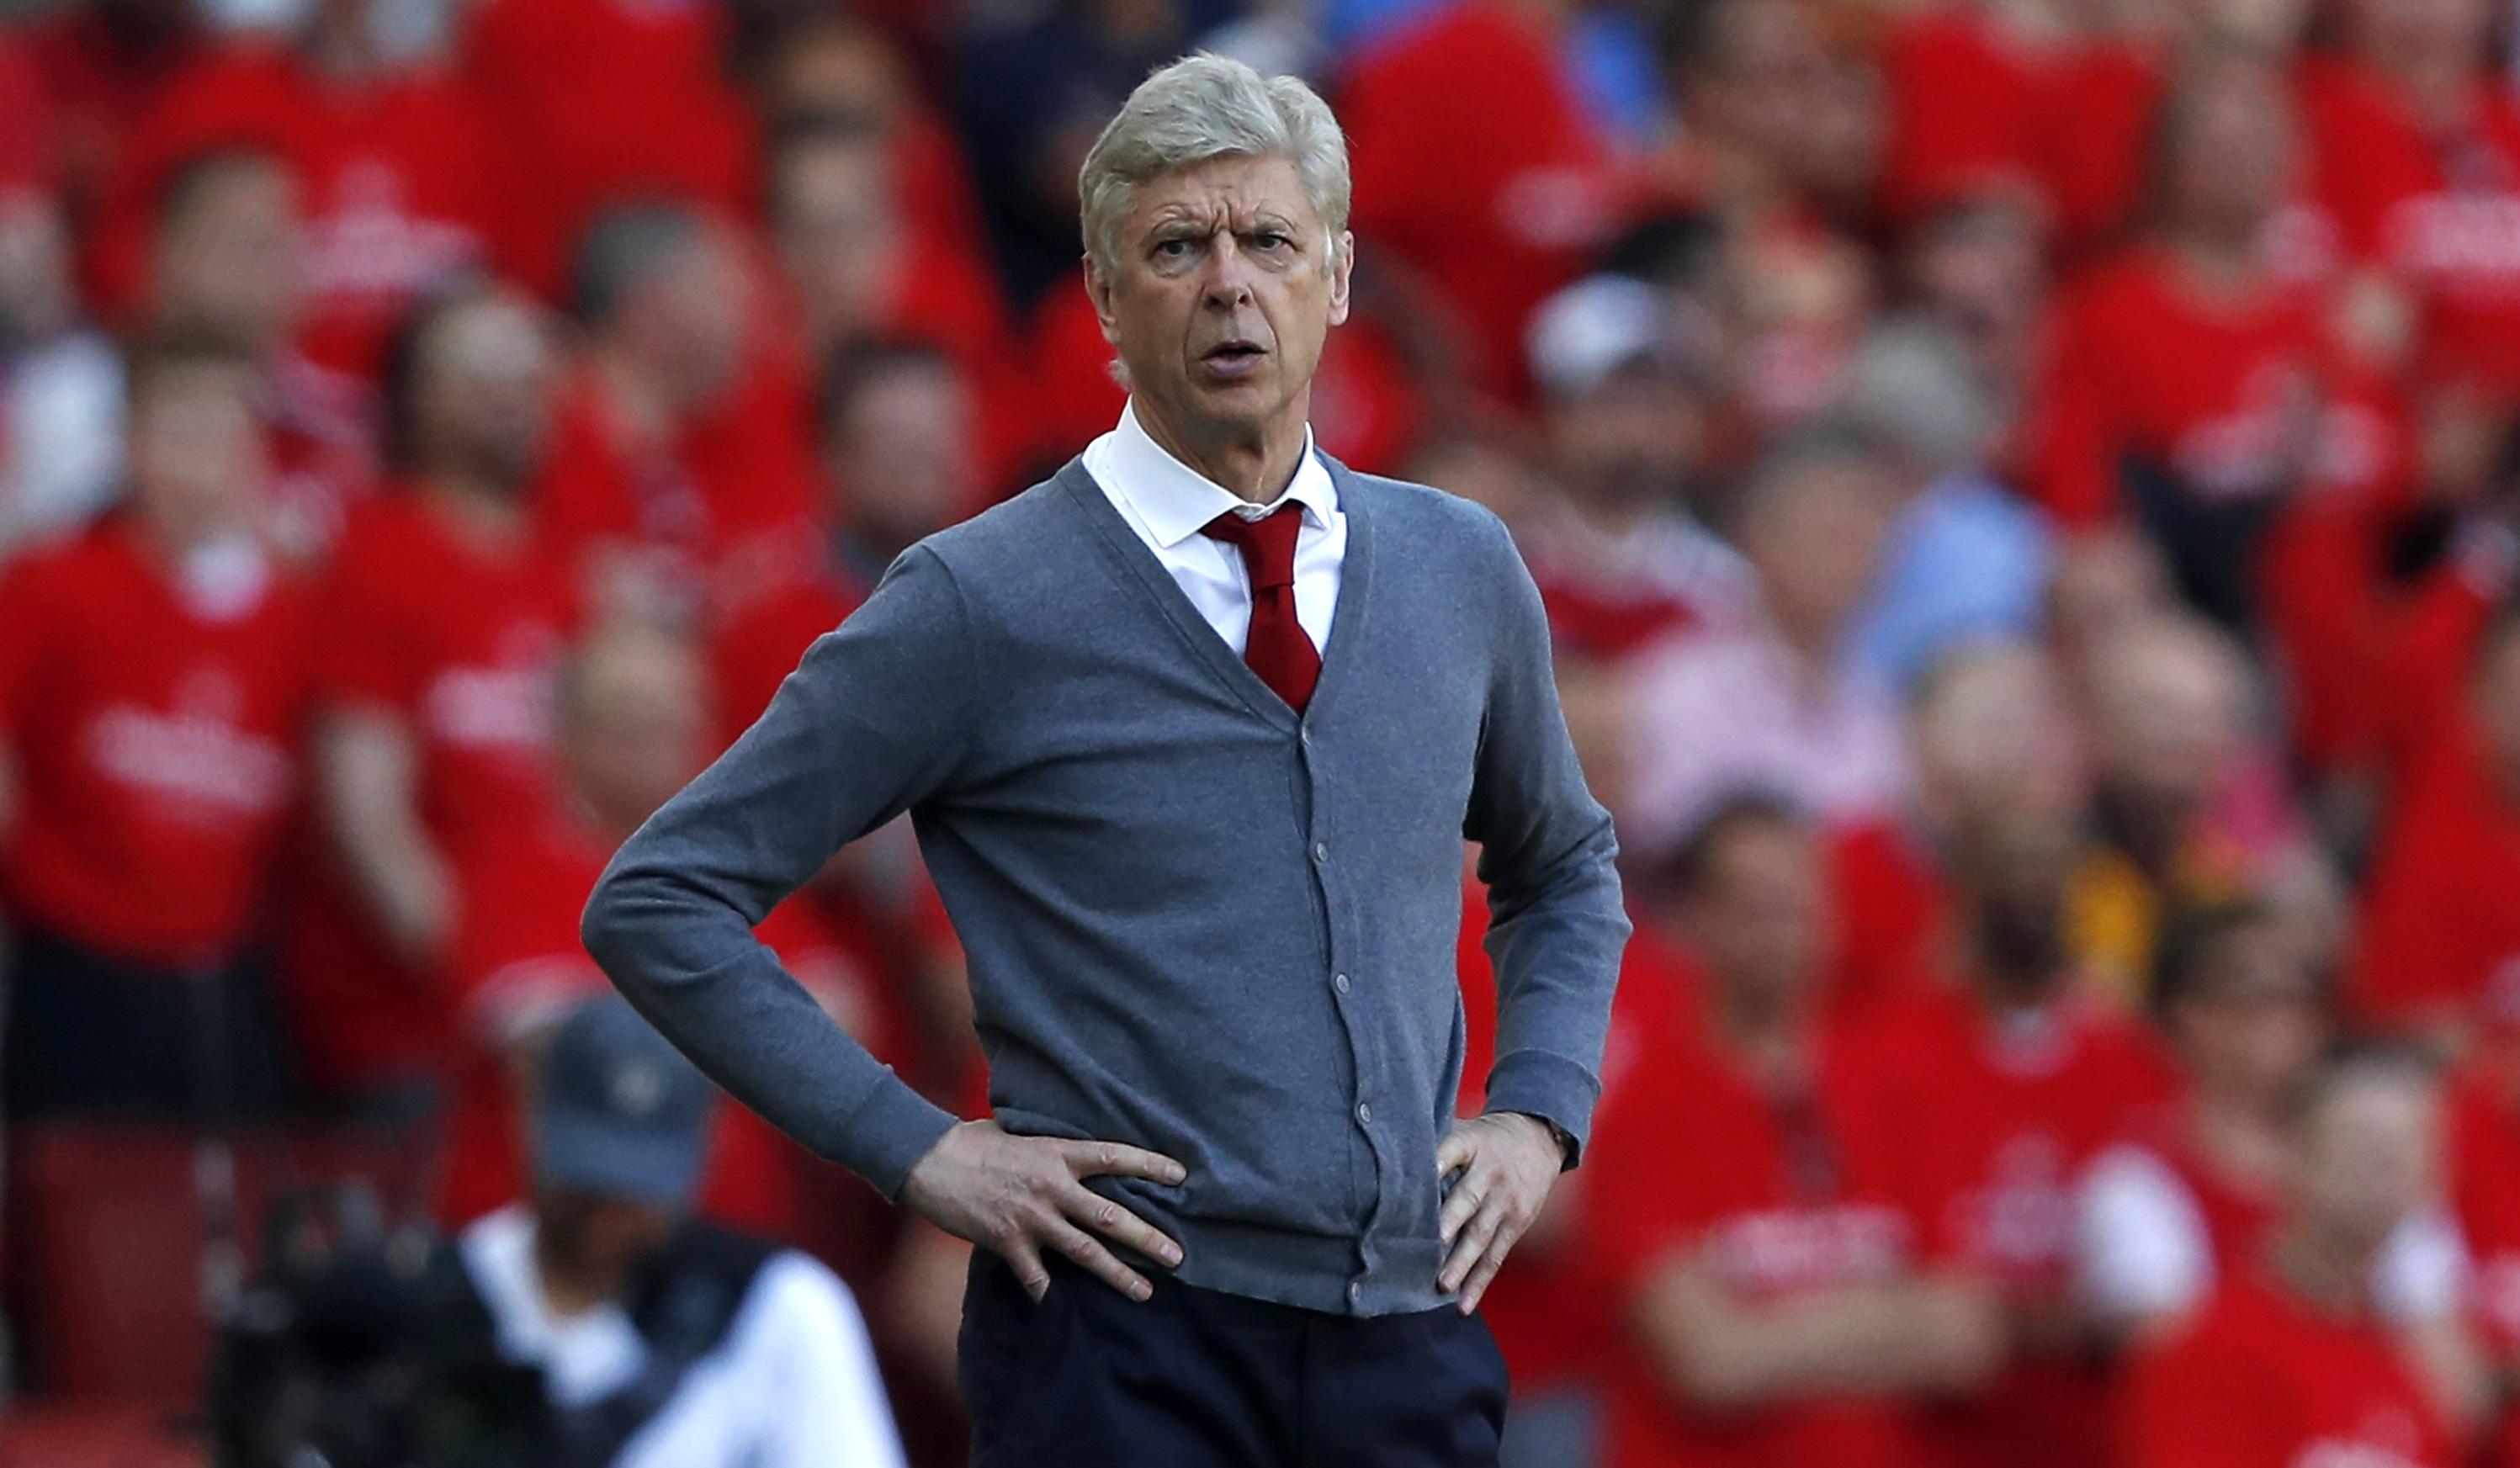 Arsène Wenger aurait appelé Karl-Heinz Rummenigge pour lui faire part de son intérêt pour le poste d'entraîneur. Ph. AFP/Archives